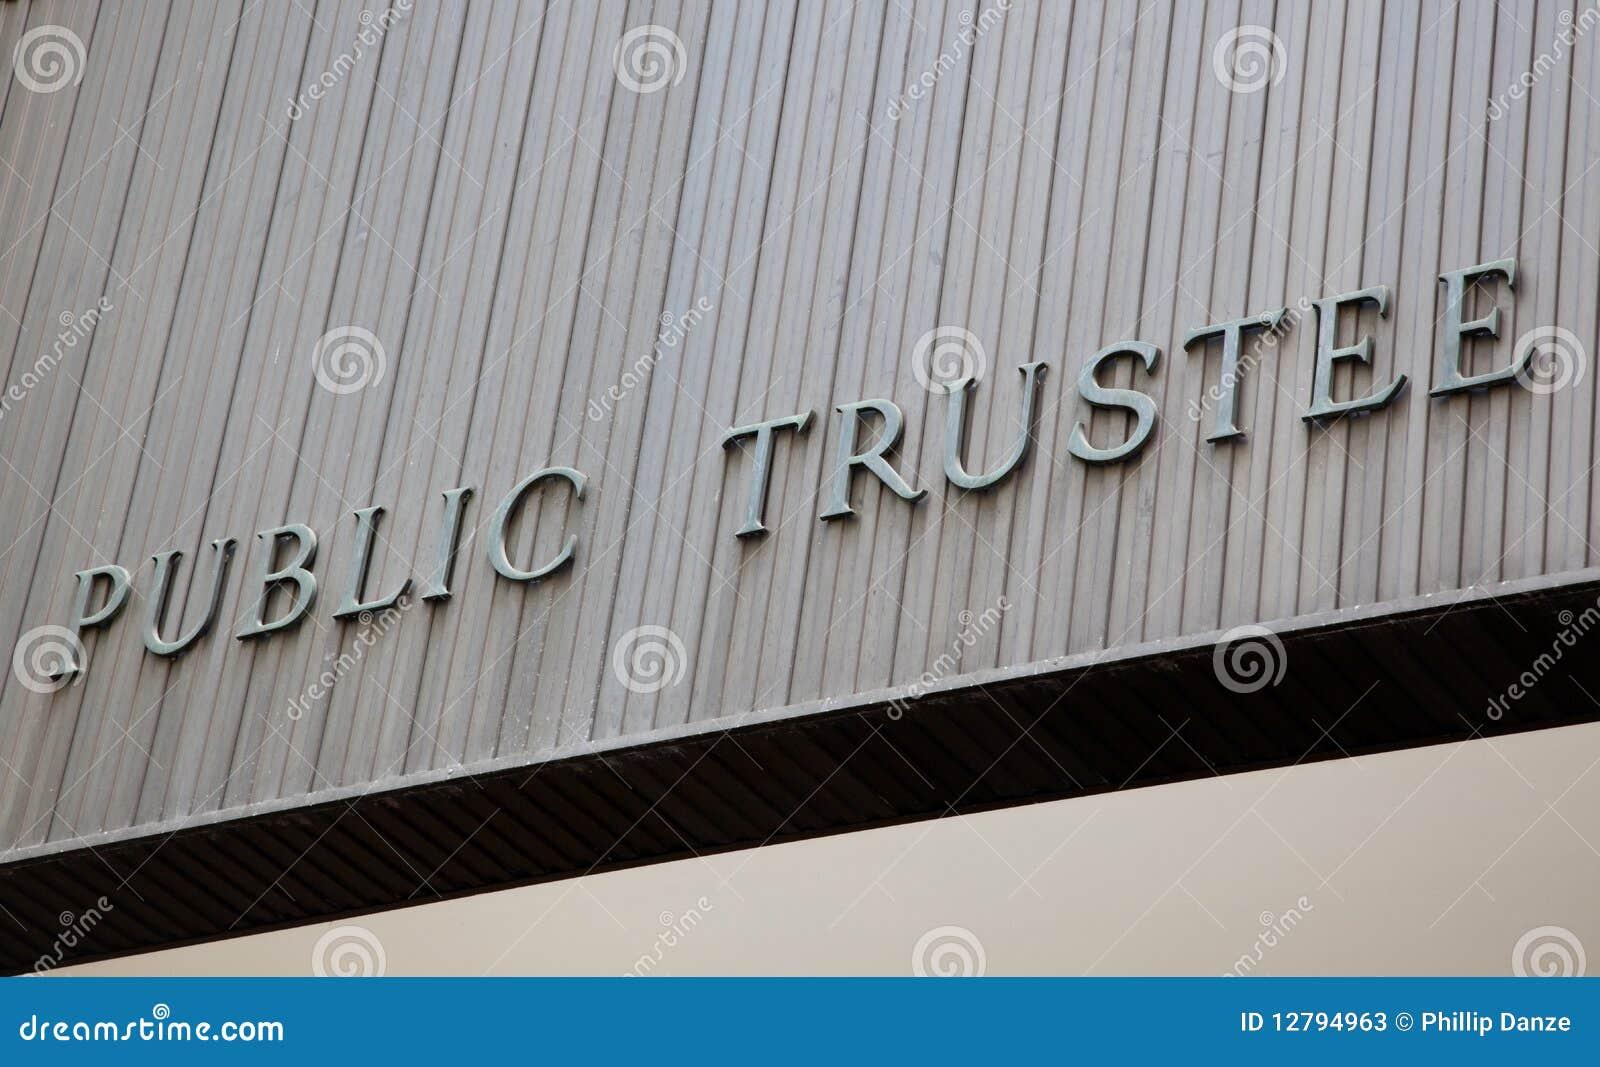 Public Trustee Building Sign